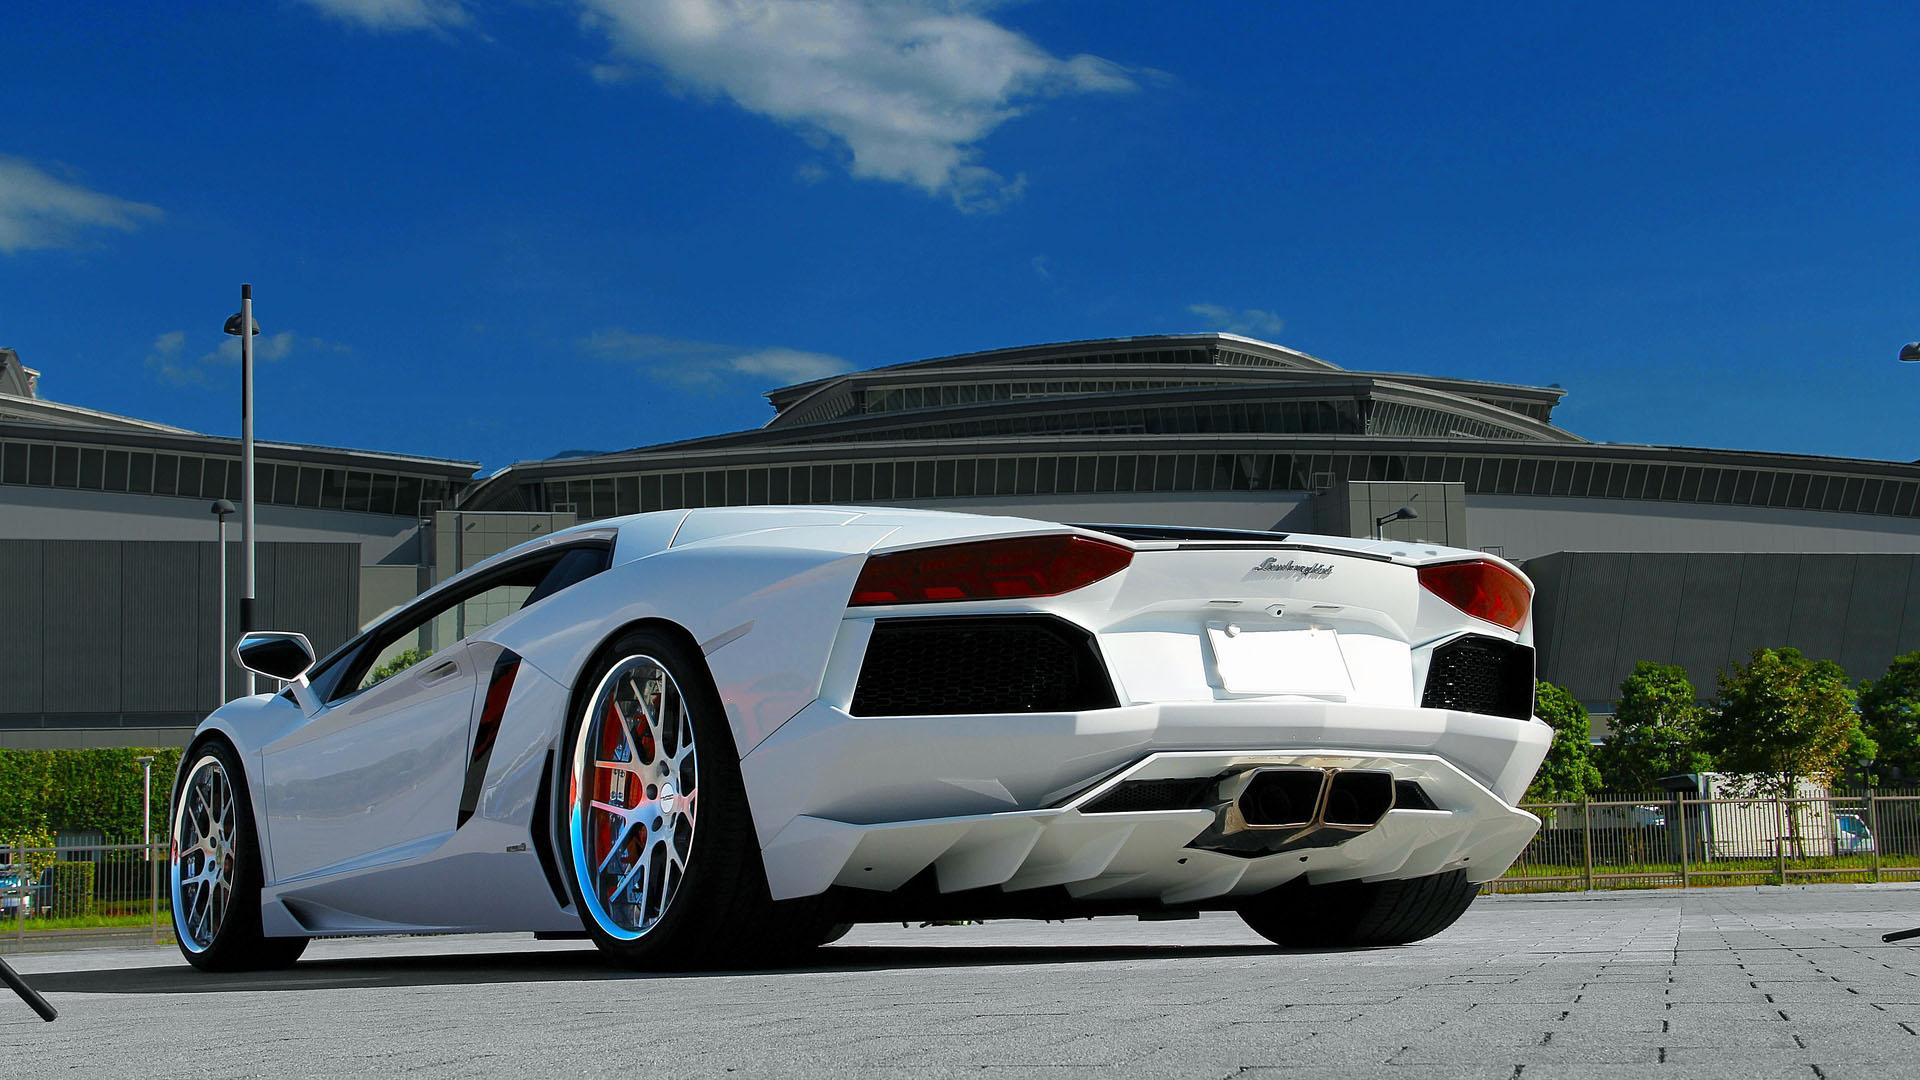 Hình nền siêu xe lamborghini màu trắng